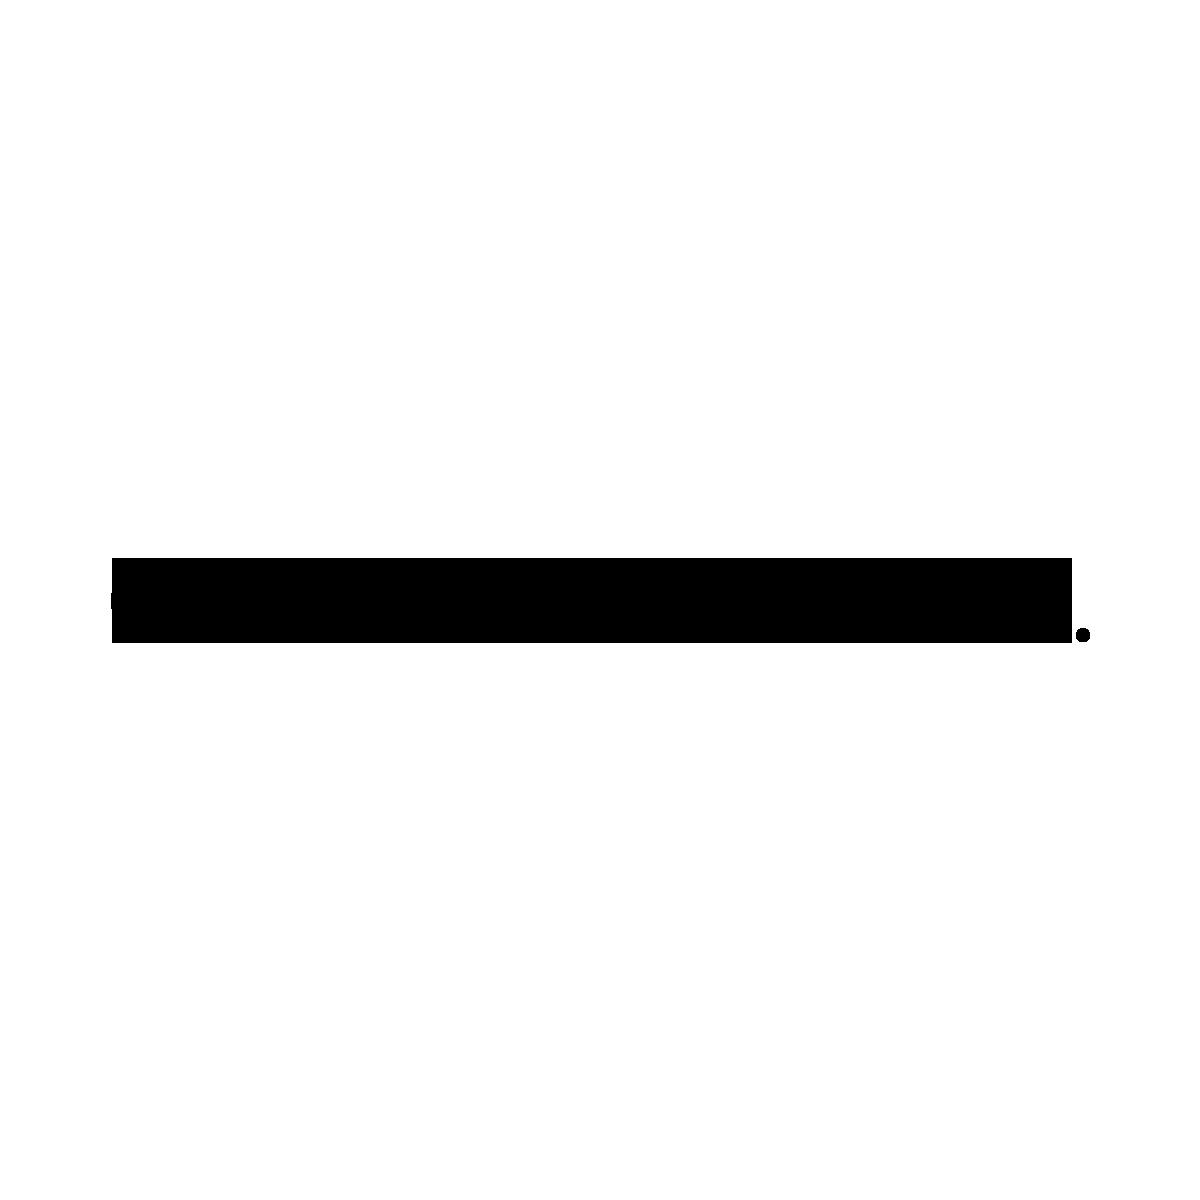 zakelijke tas van fred de la bretoniere zwart met ruimte voor laptop 262197 zijaanzicht